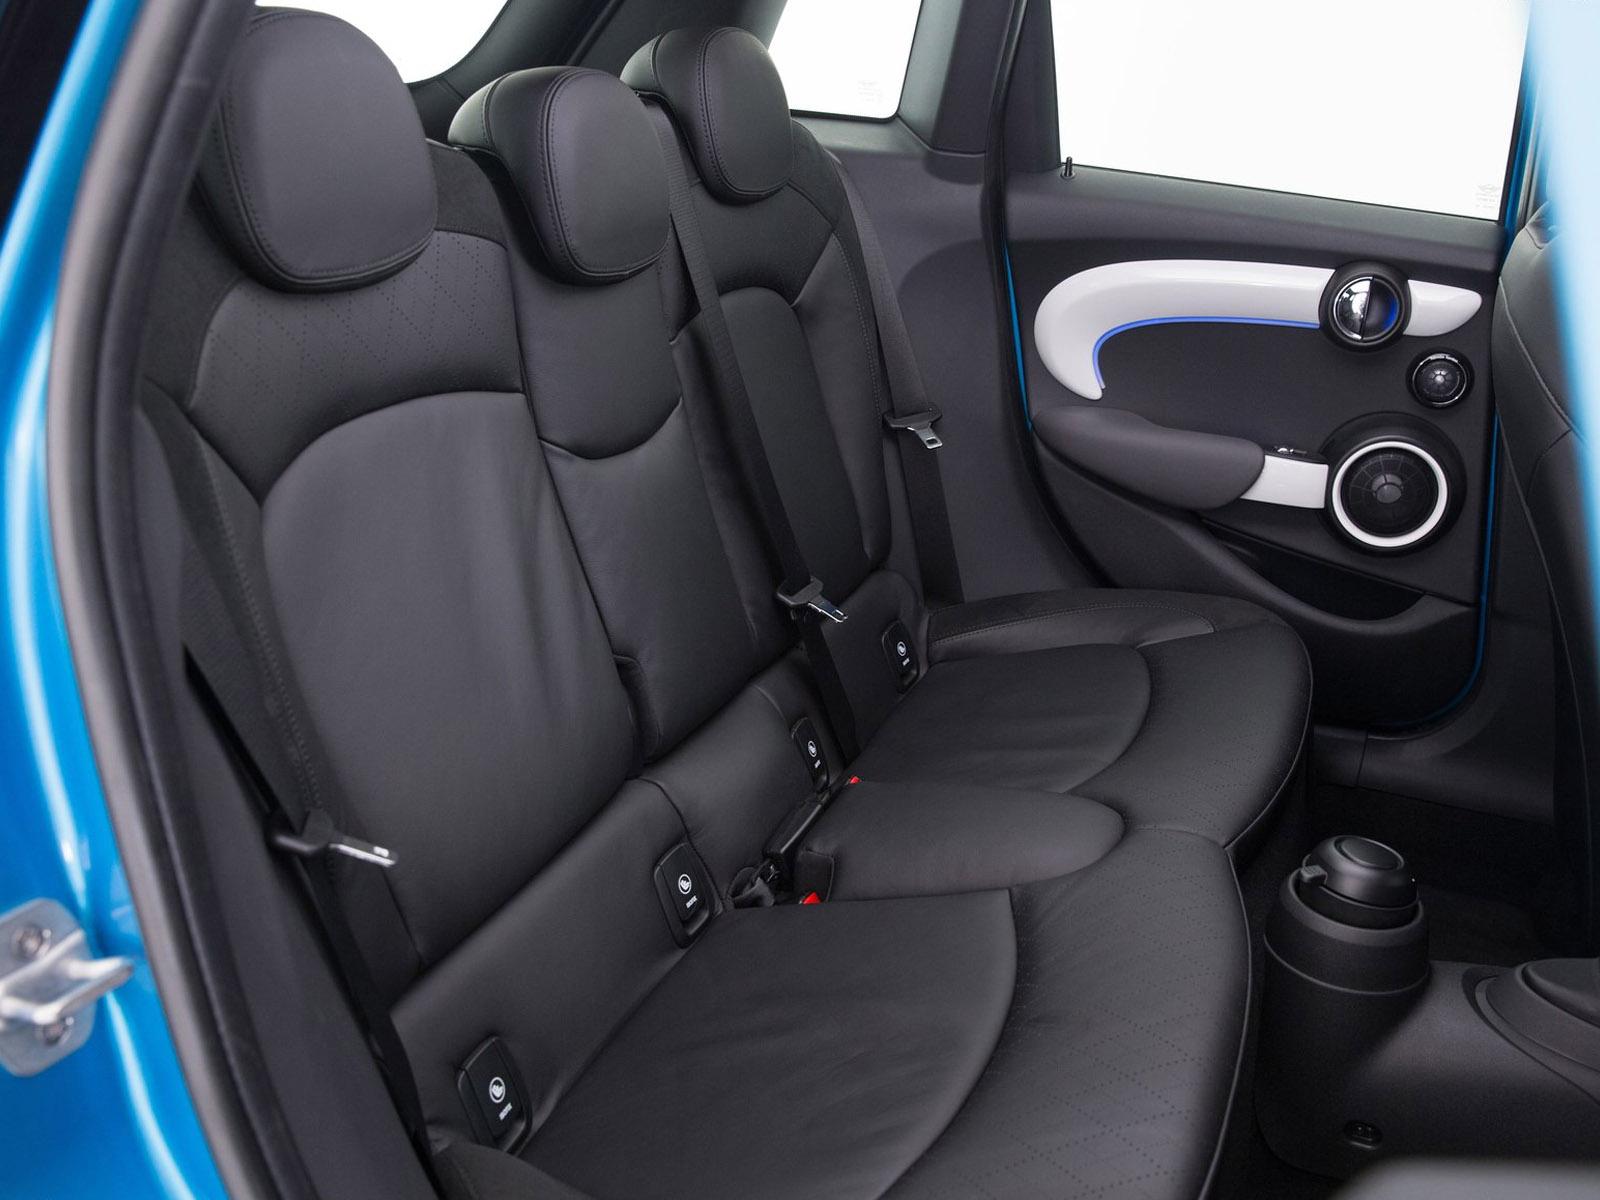 2015 Mini Cooper 5-Door Rear Seats